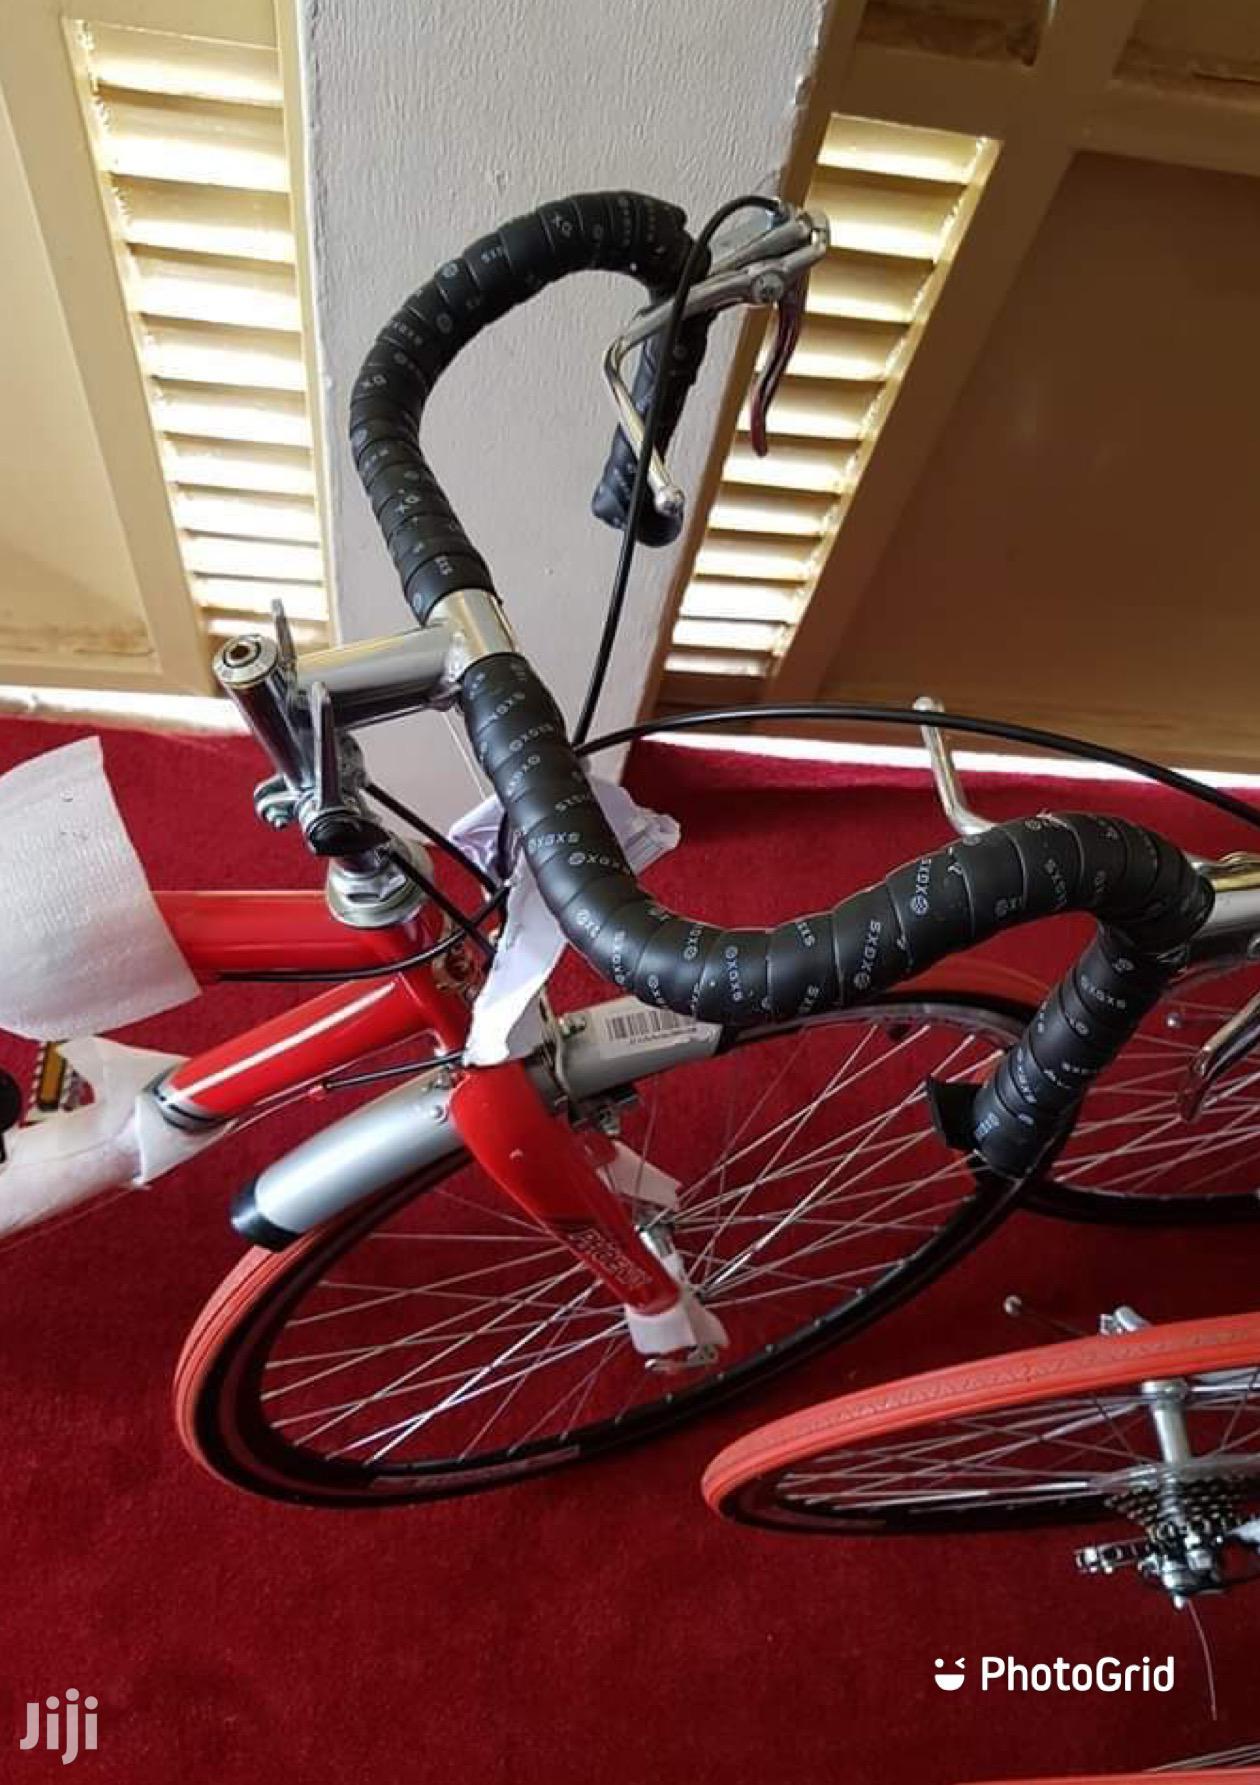 Phoenix 18 Speed Bike With Gears